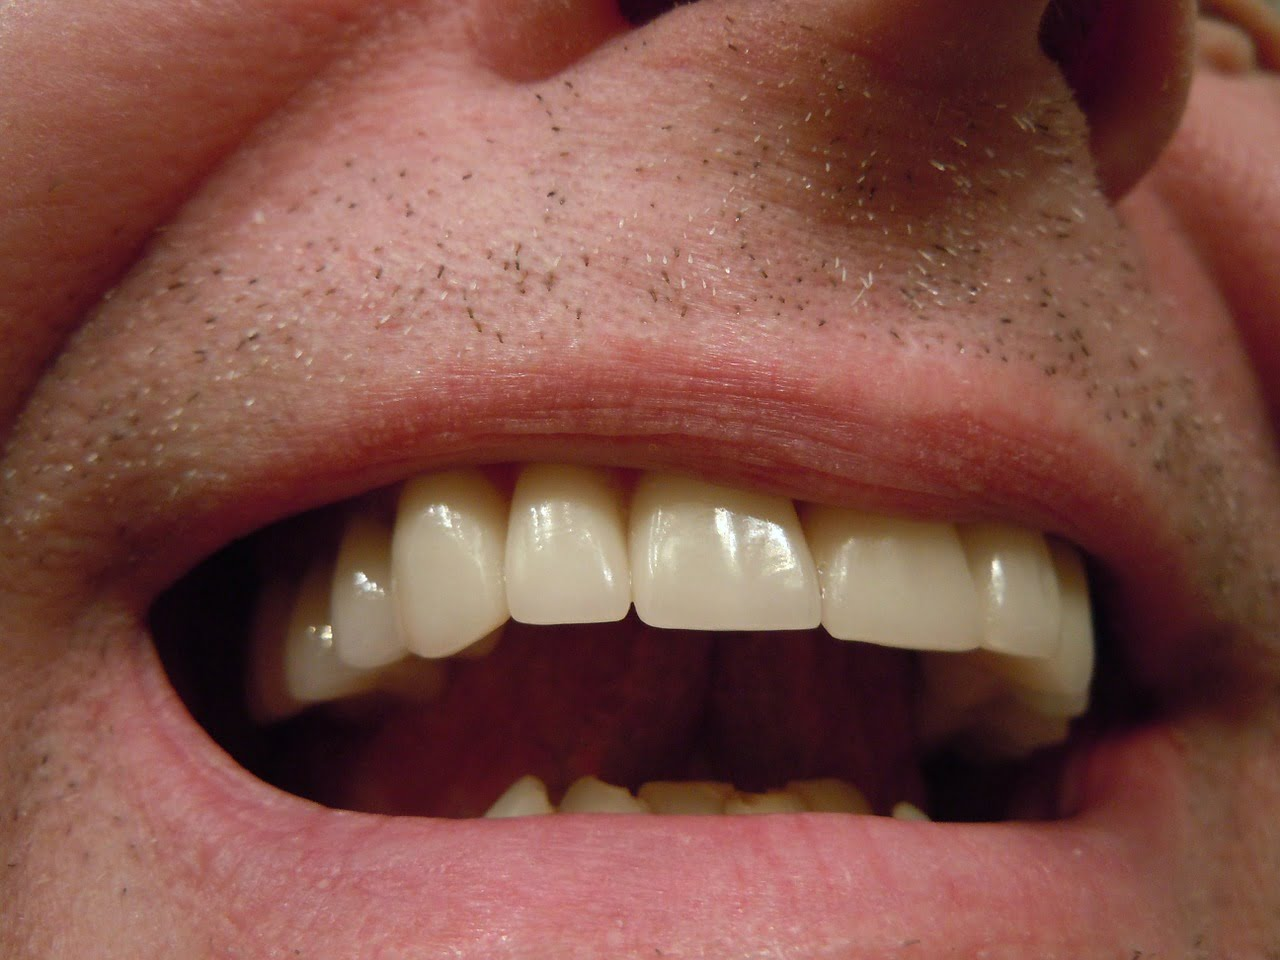 Zespol Pieczenia Jamy Ustnej Przyczyny Objawy Leczenie